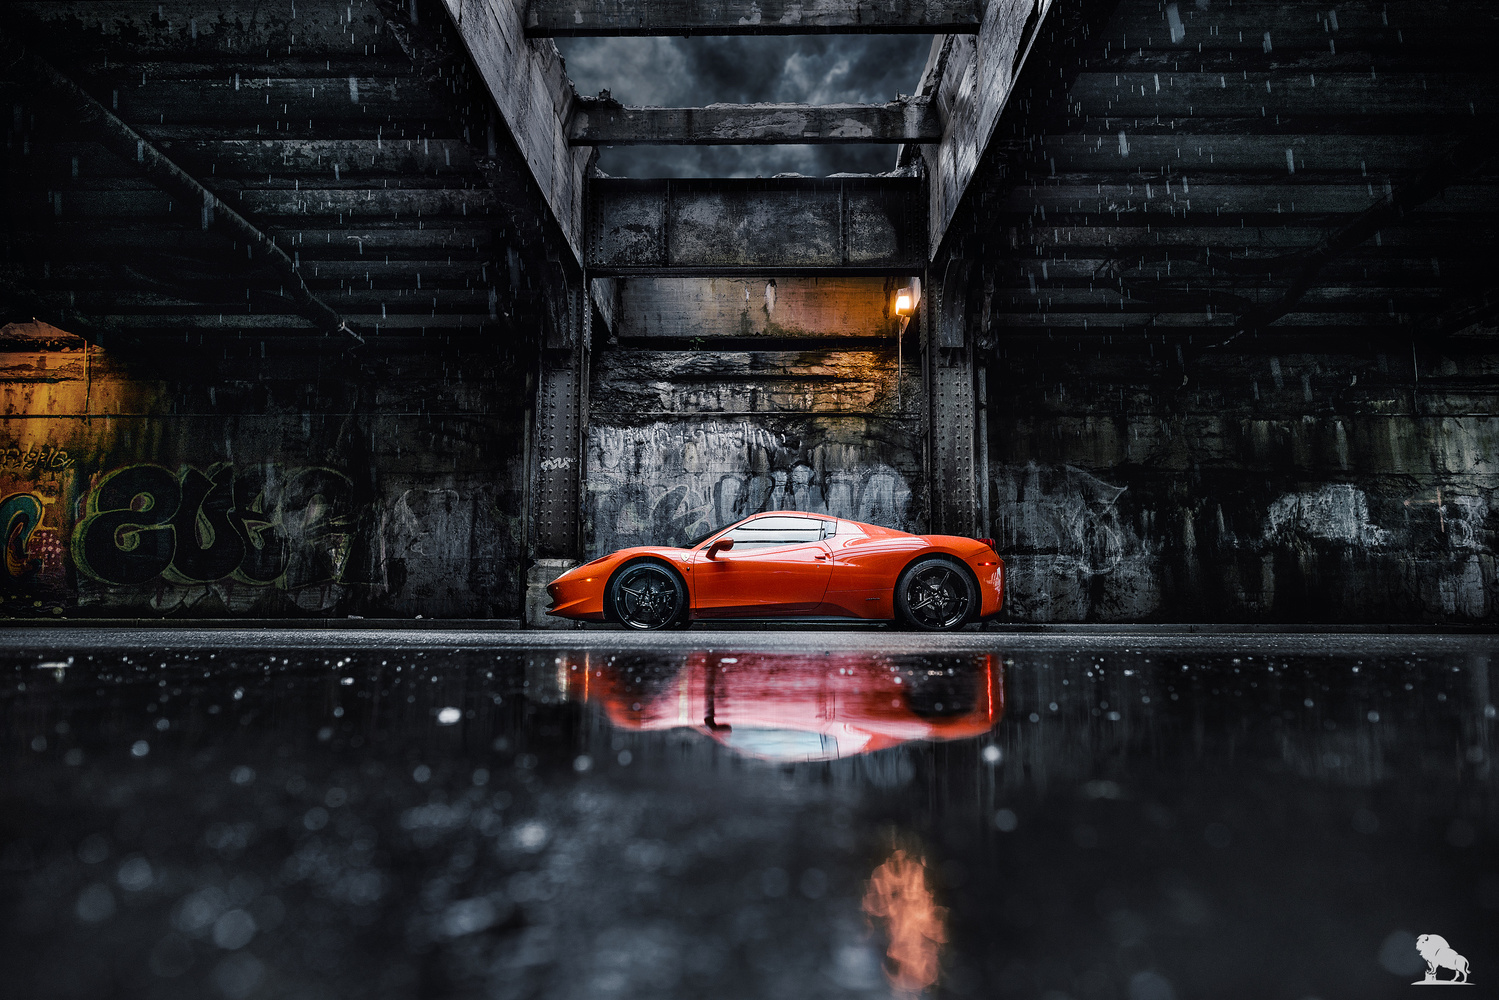 Ferrari 458 Spider by Marek Dziekonski